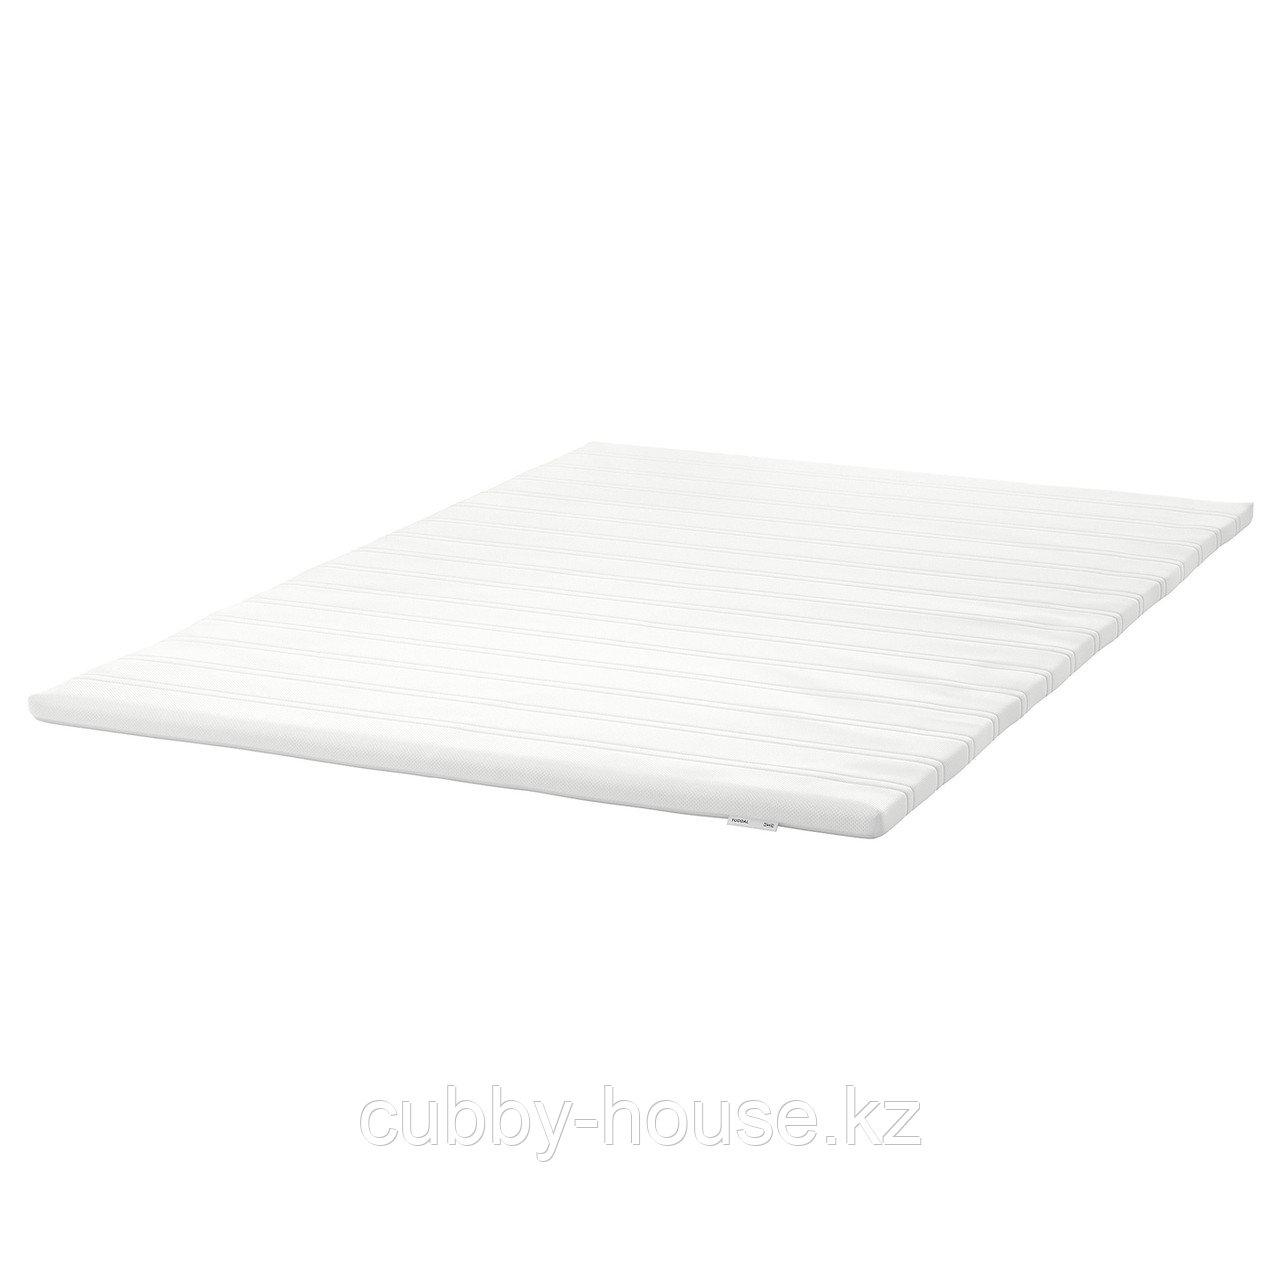 ТЮДДАЛЬ Тонкий матрас, белый, 90x200 см